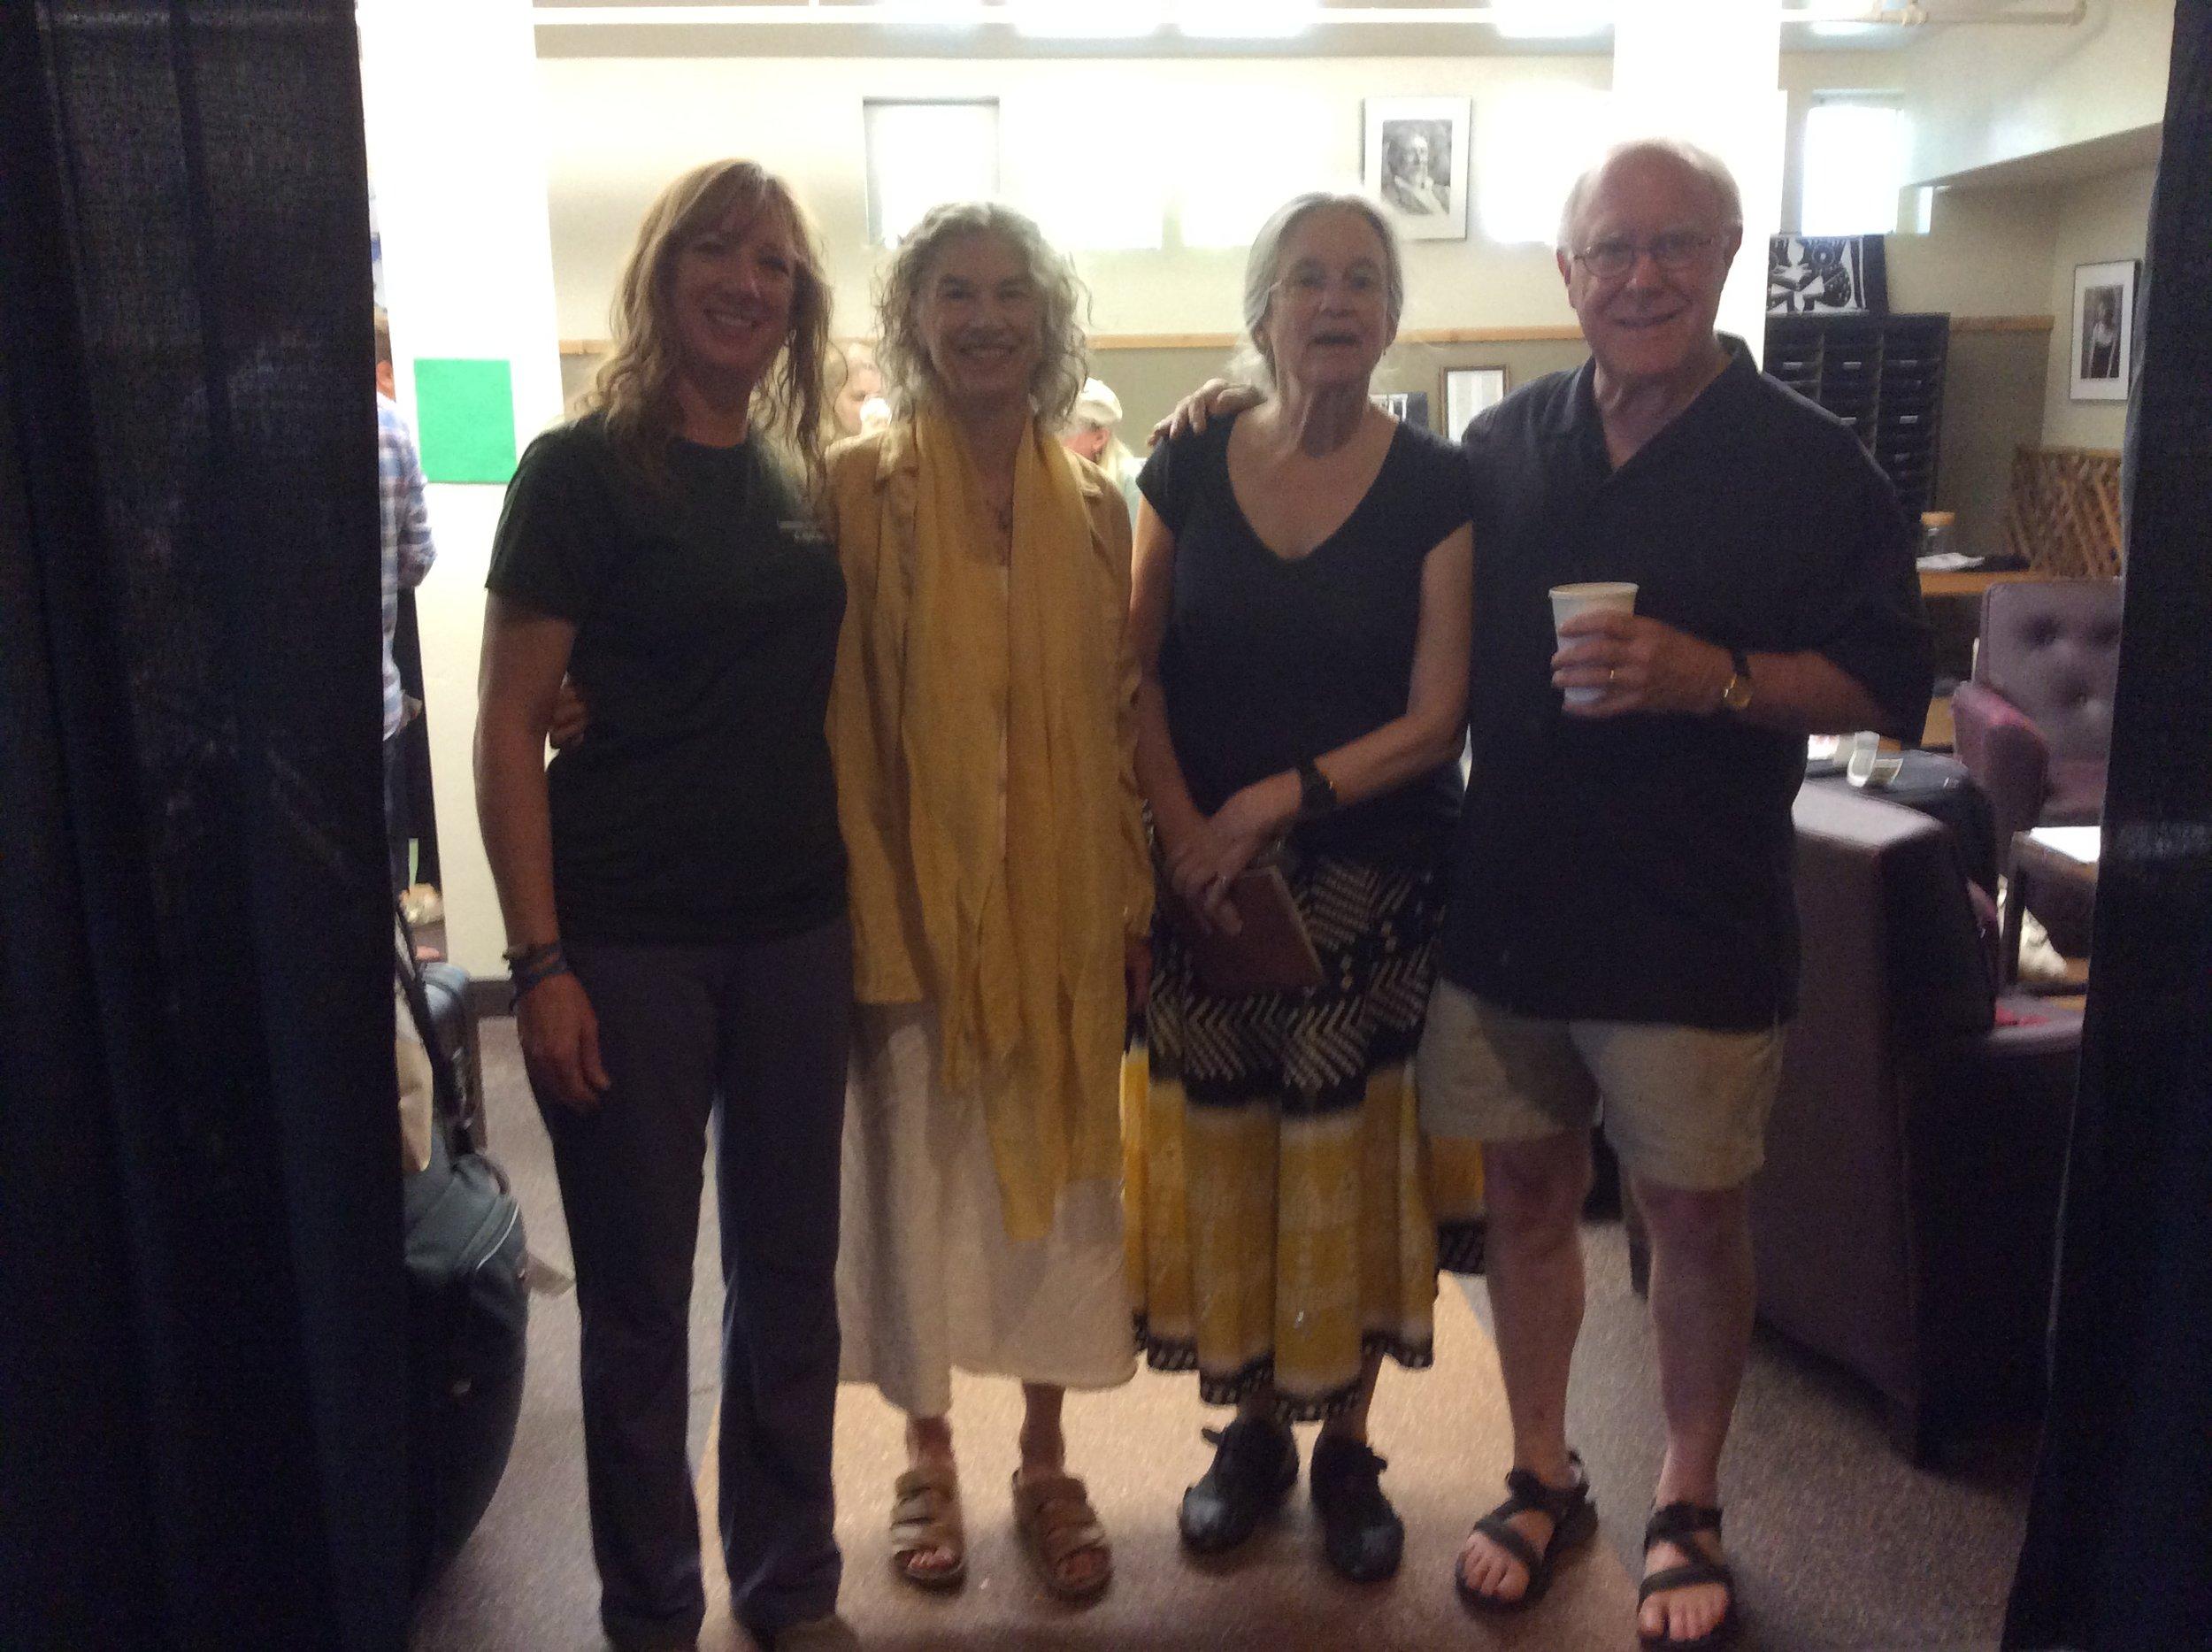 Brenda Hillman, Sharon Olds, Robert Hass